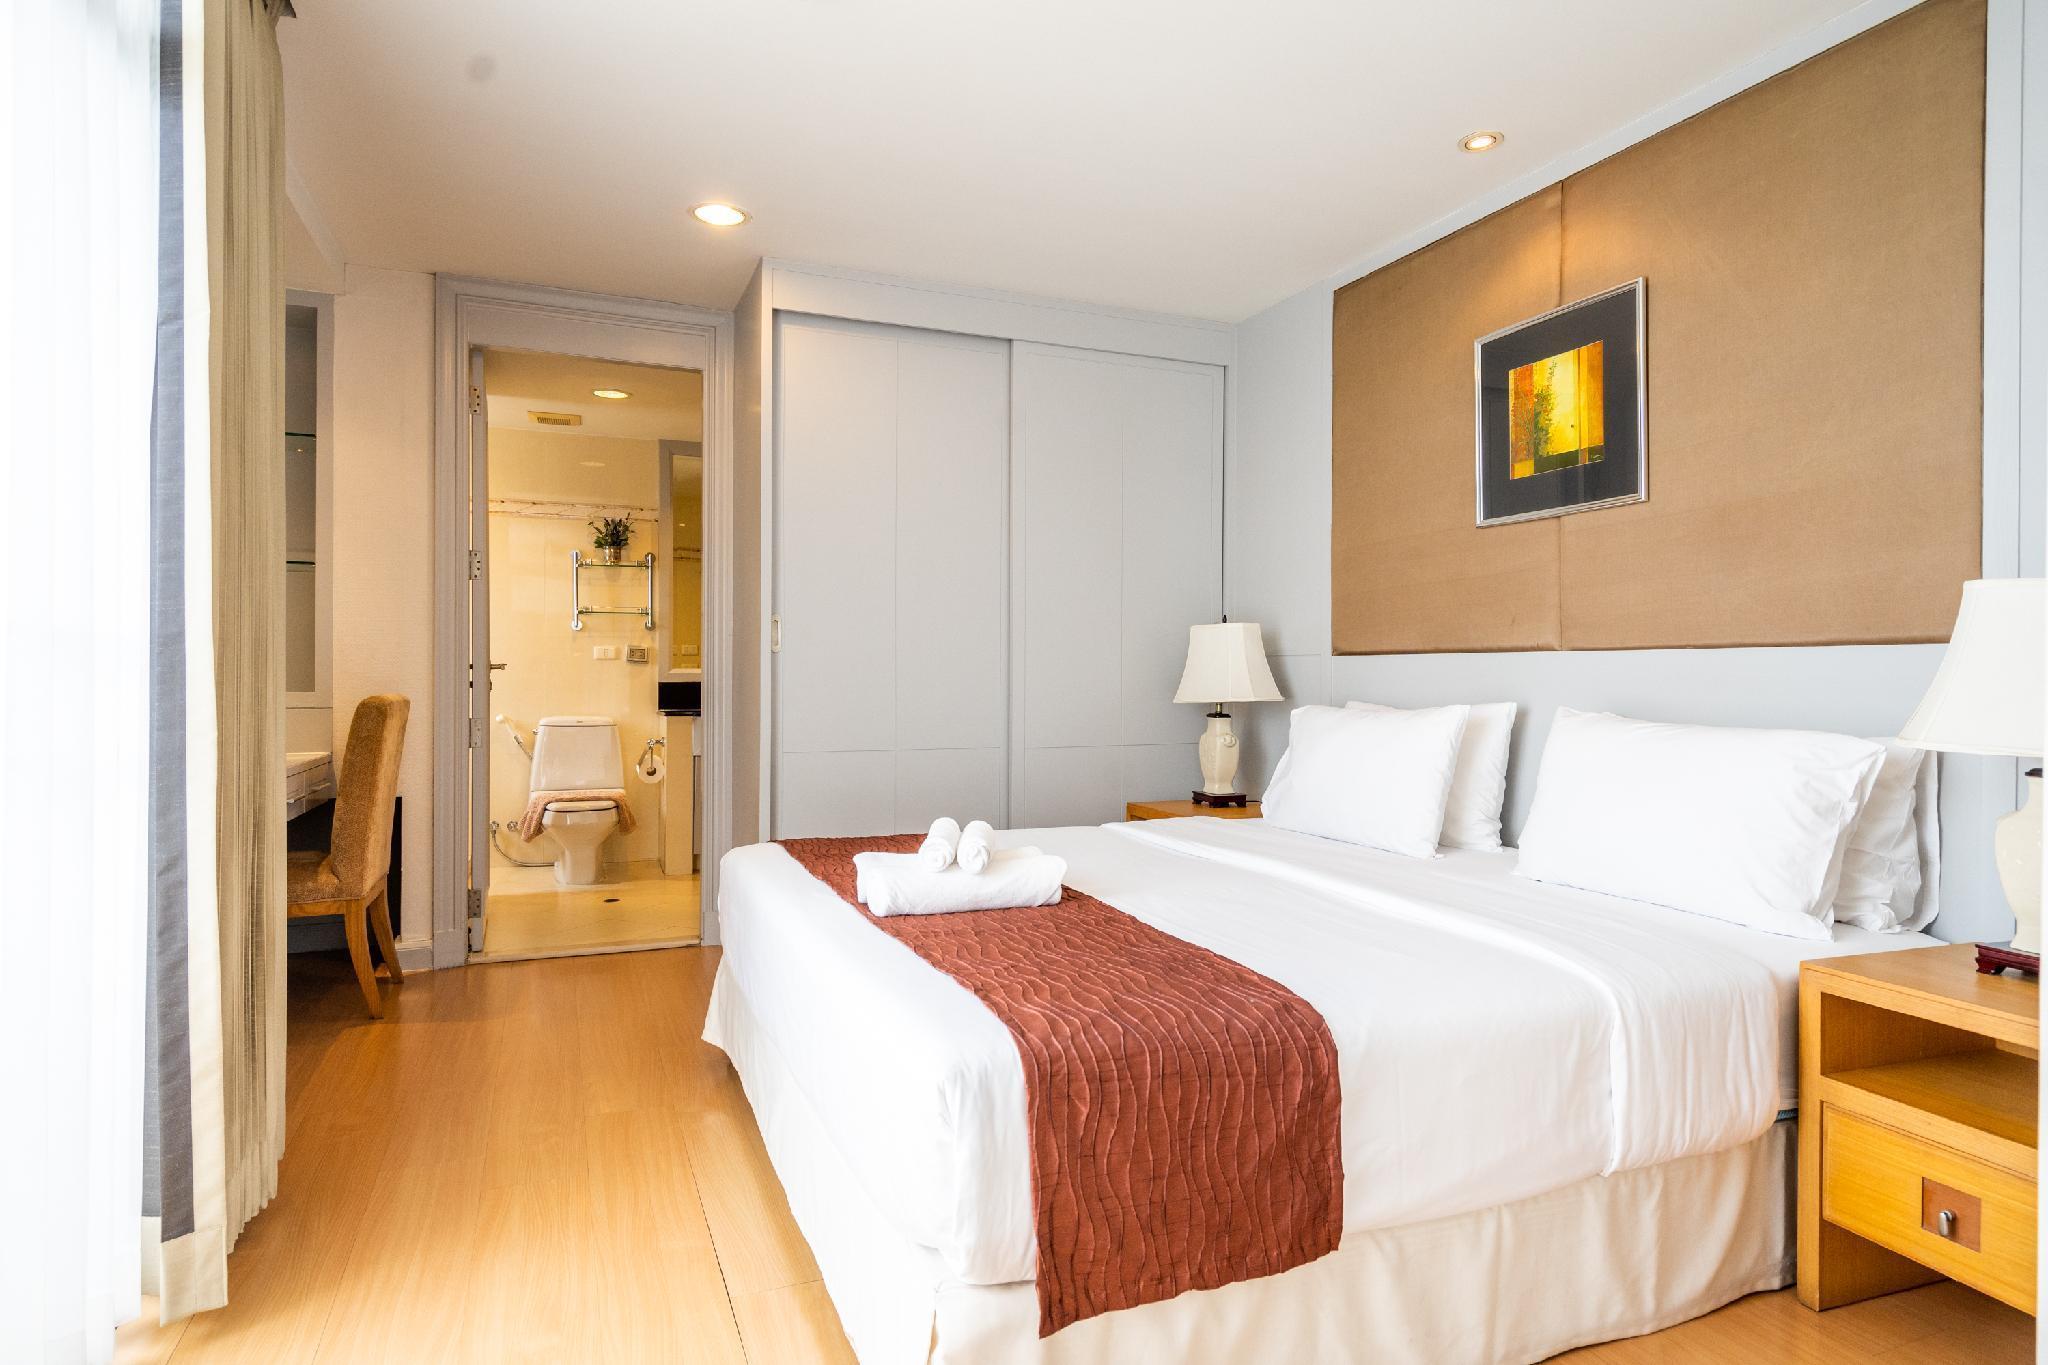 2BR Apartment near Samitivej Sukhumvit Hospital อพาร์ตเมนต์ 2 ห้องนอน 2 ห้องน้ำส่วนตัว ขนาด 85 ตร.ม. – สุขุมวิท